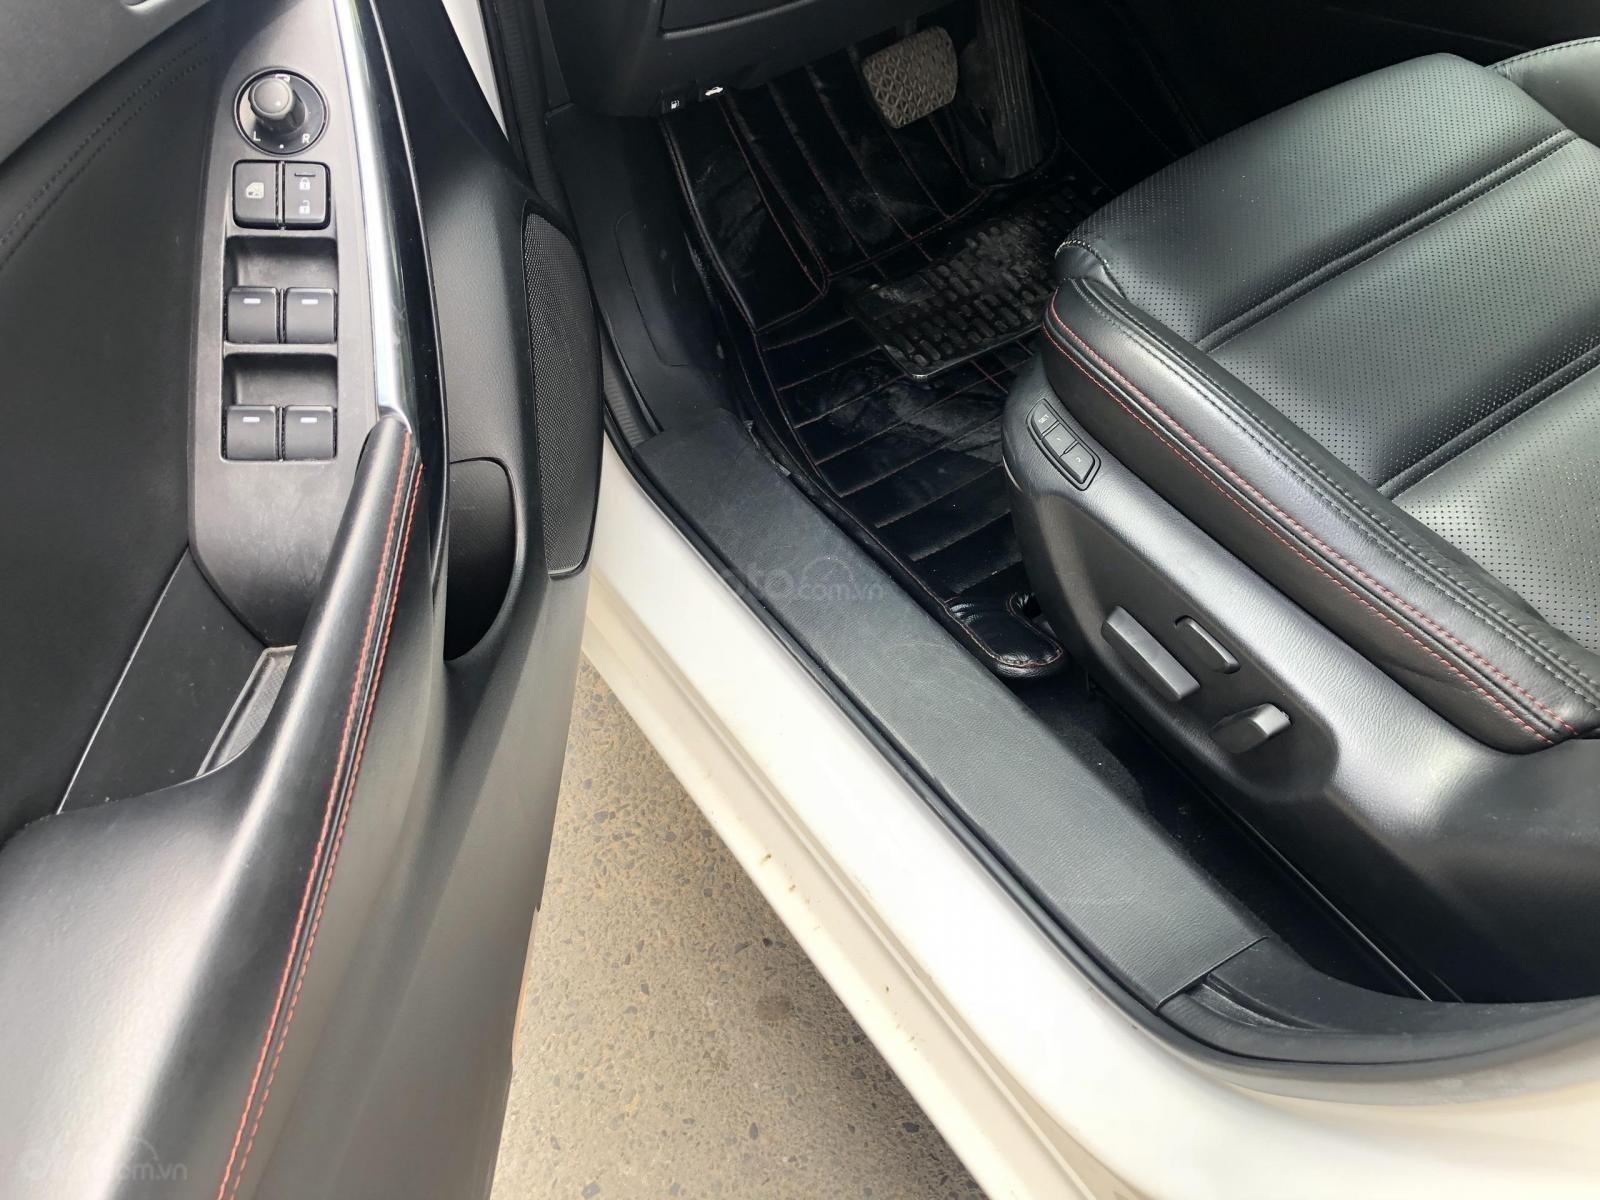 Mình cần bán Mazda 6 bản full trắng tinh 2017, đi kỹ như mới (16)